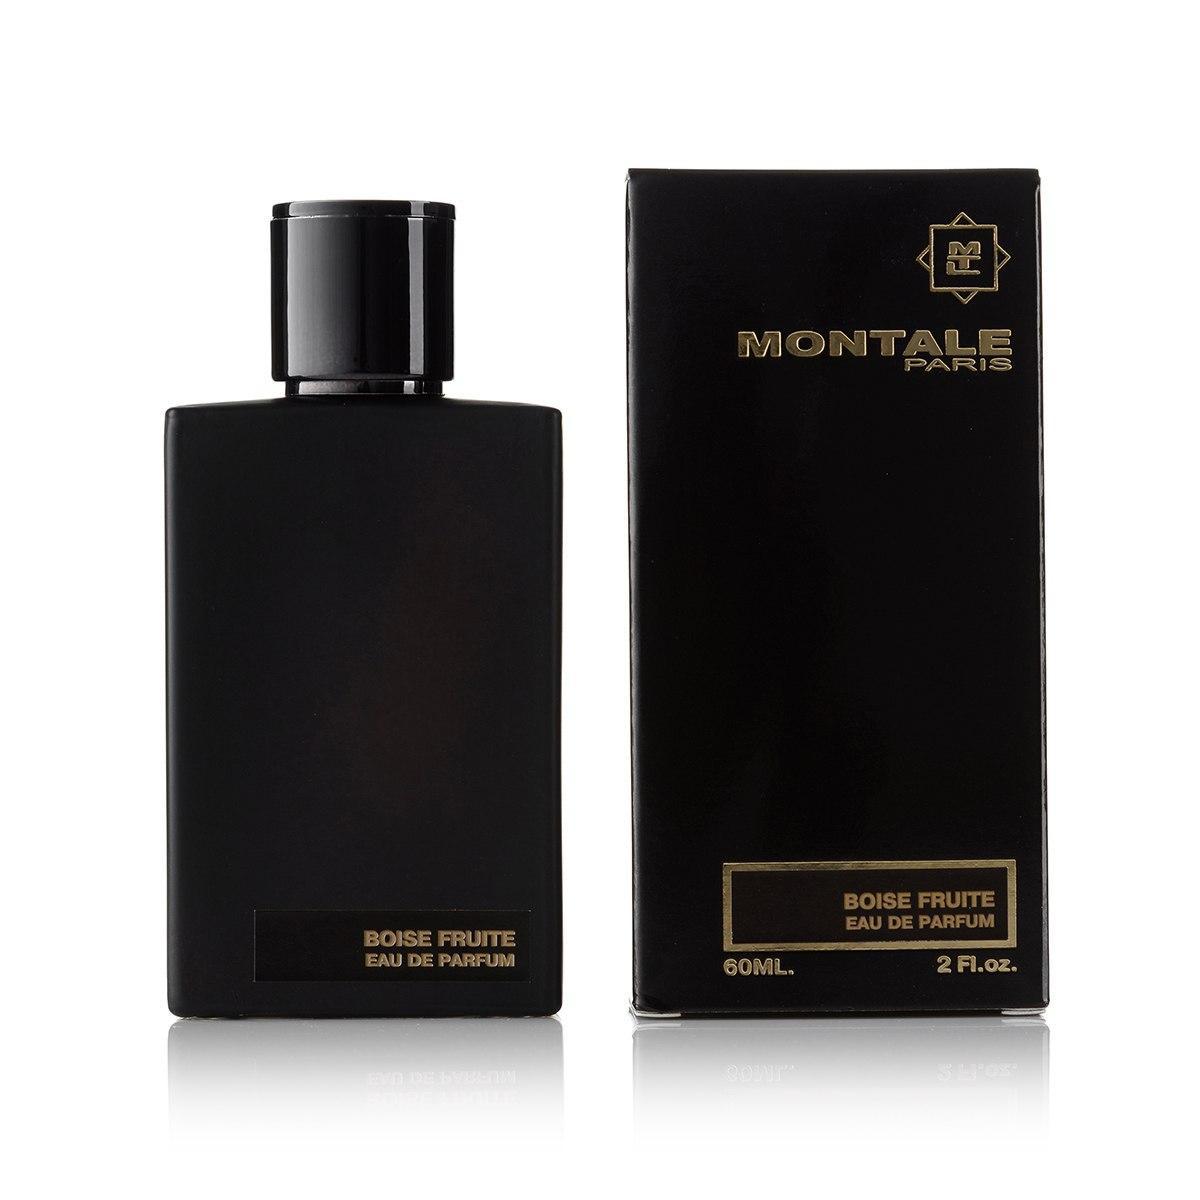 60 мл міні-парфуми Montale Boise Fruite (унісекс) - М-7